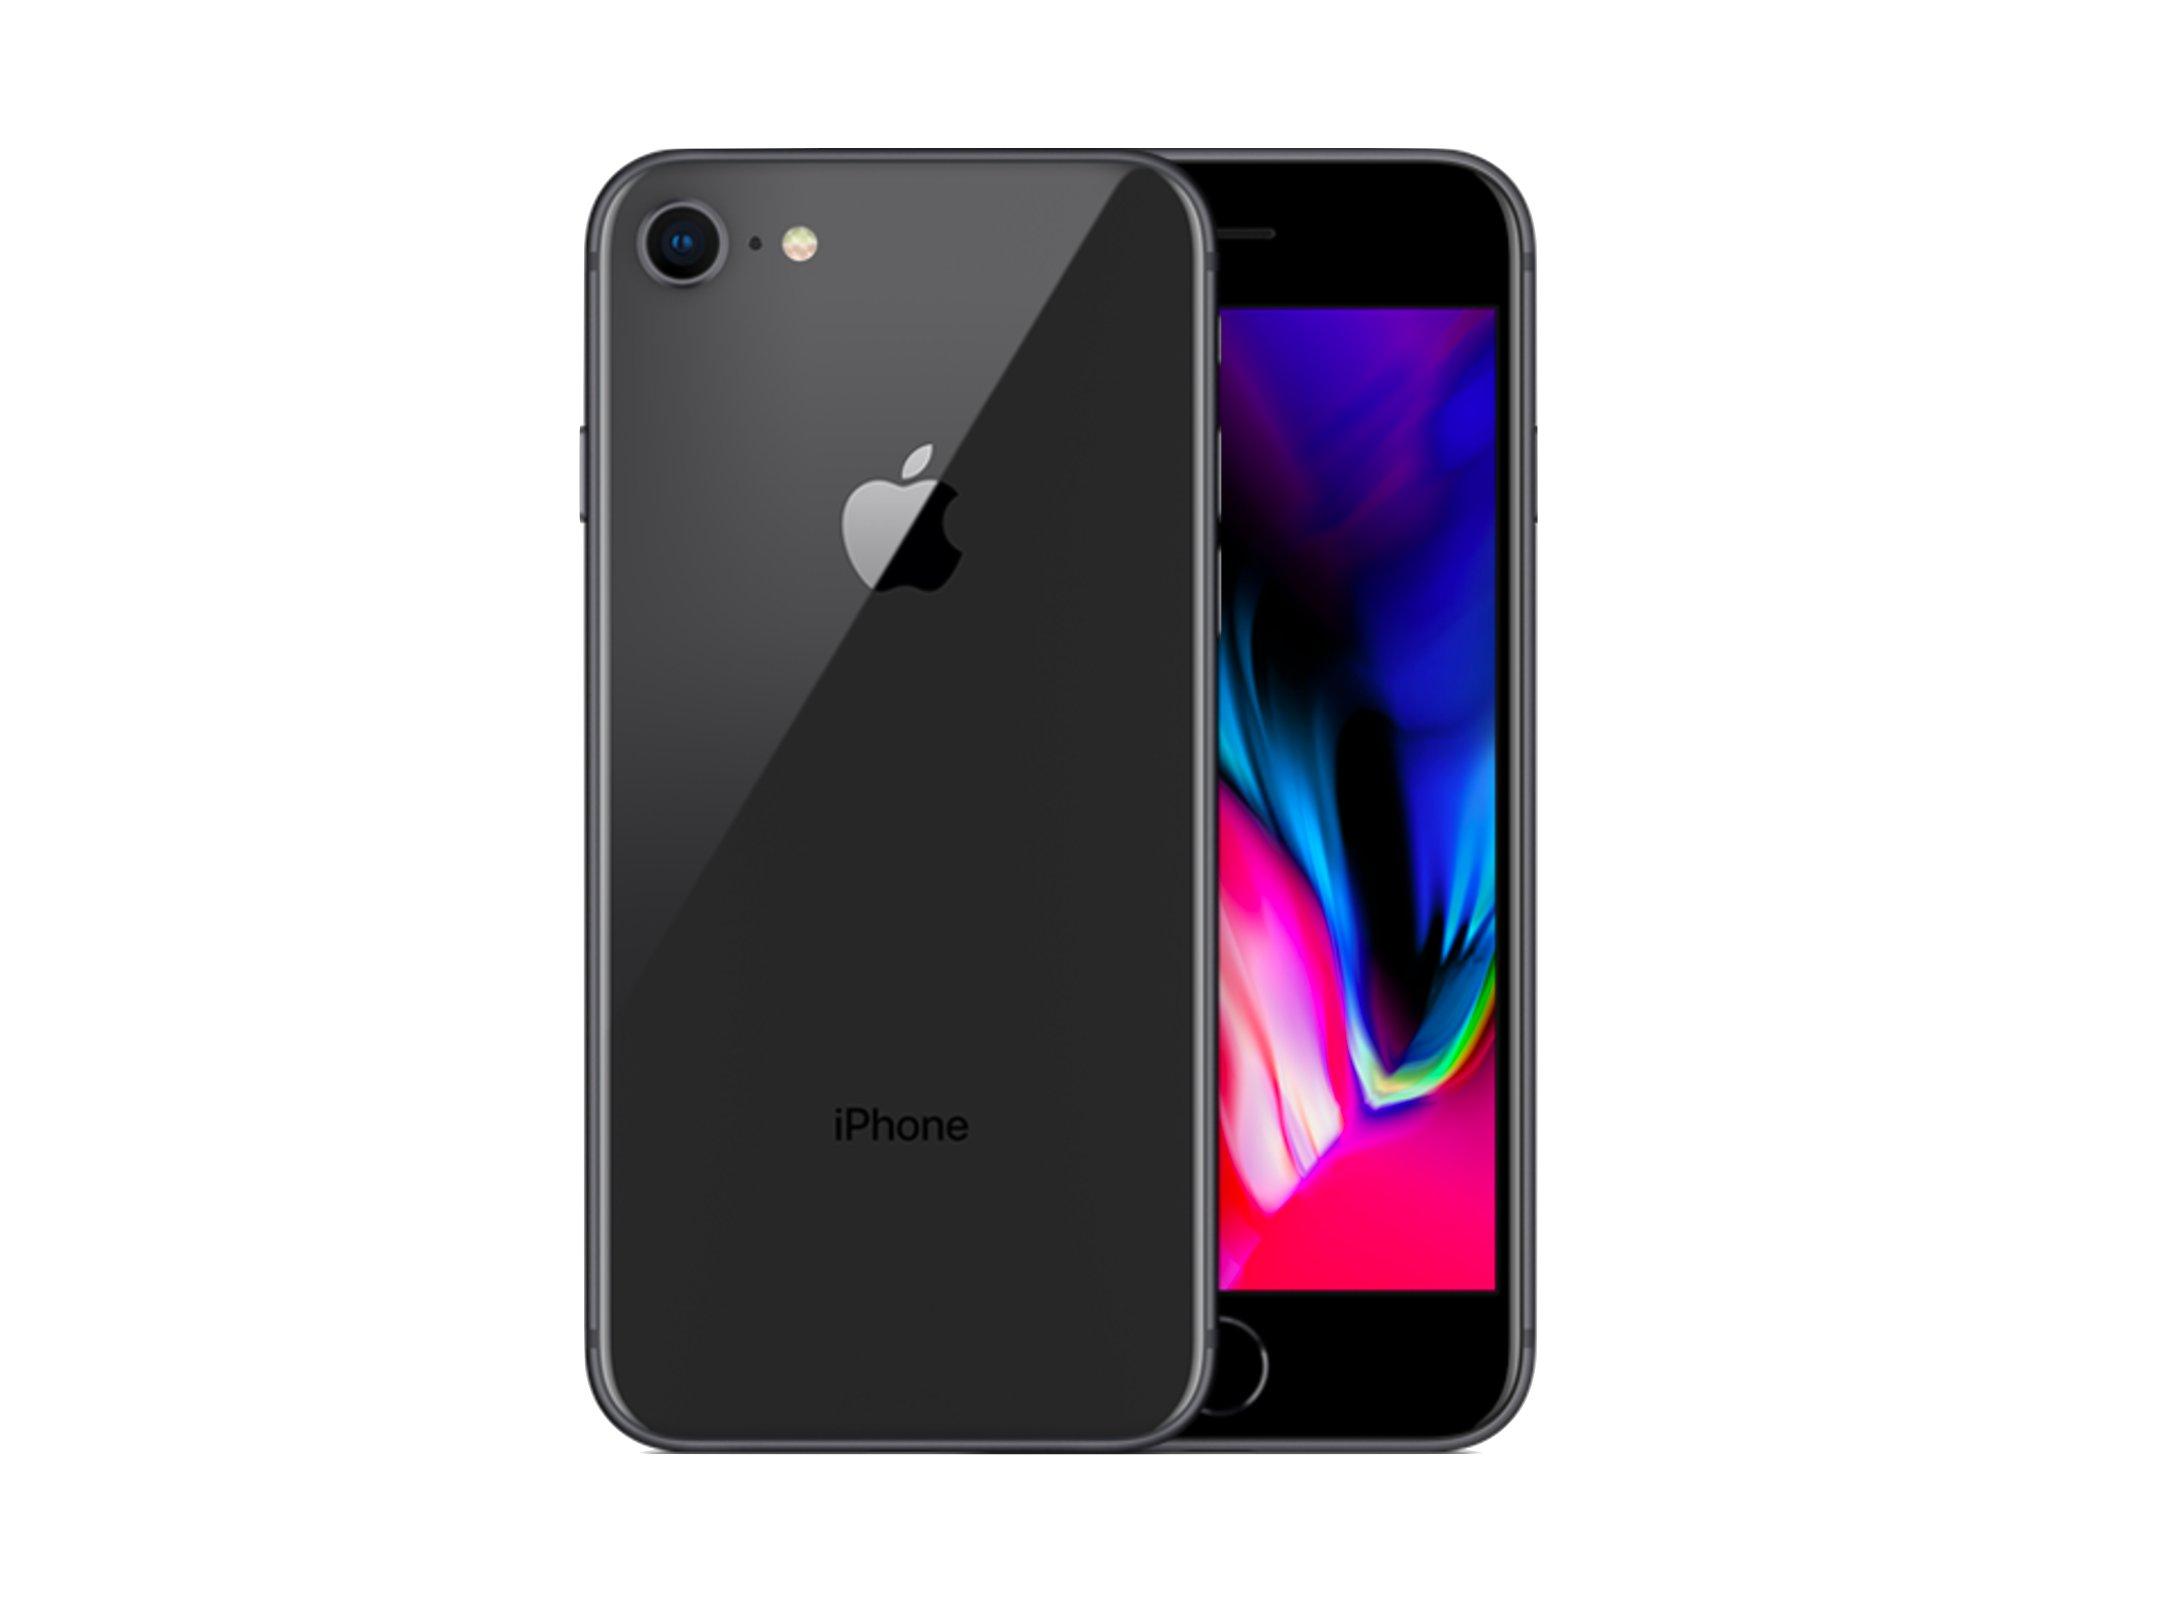 IPhone 8 64GB - Tr g p 0, gim 1 triu.5 triu